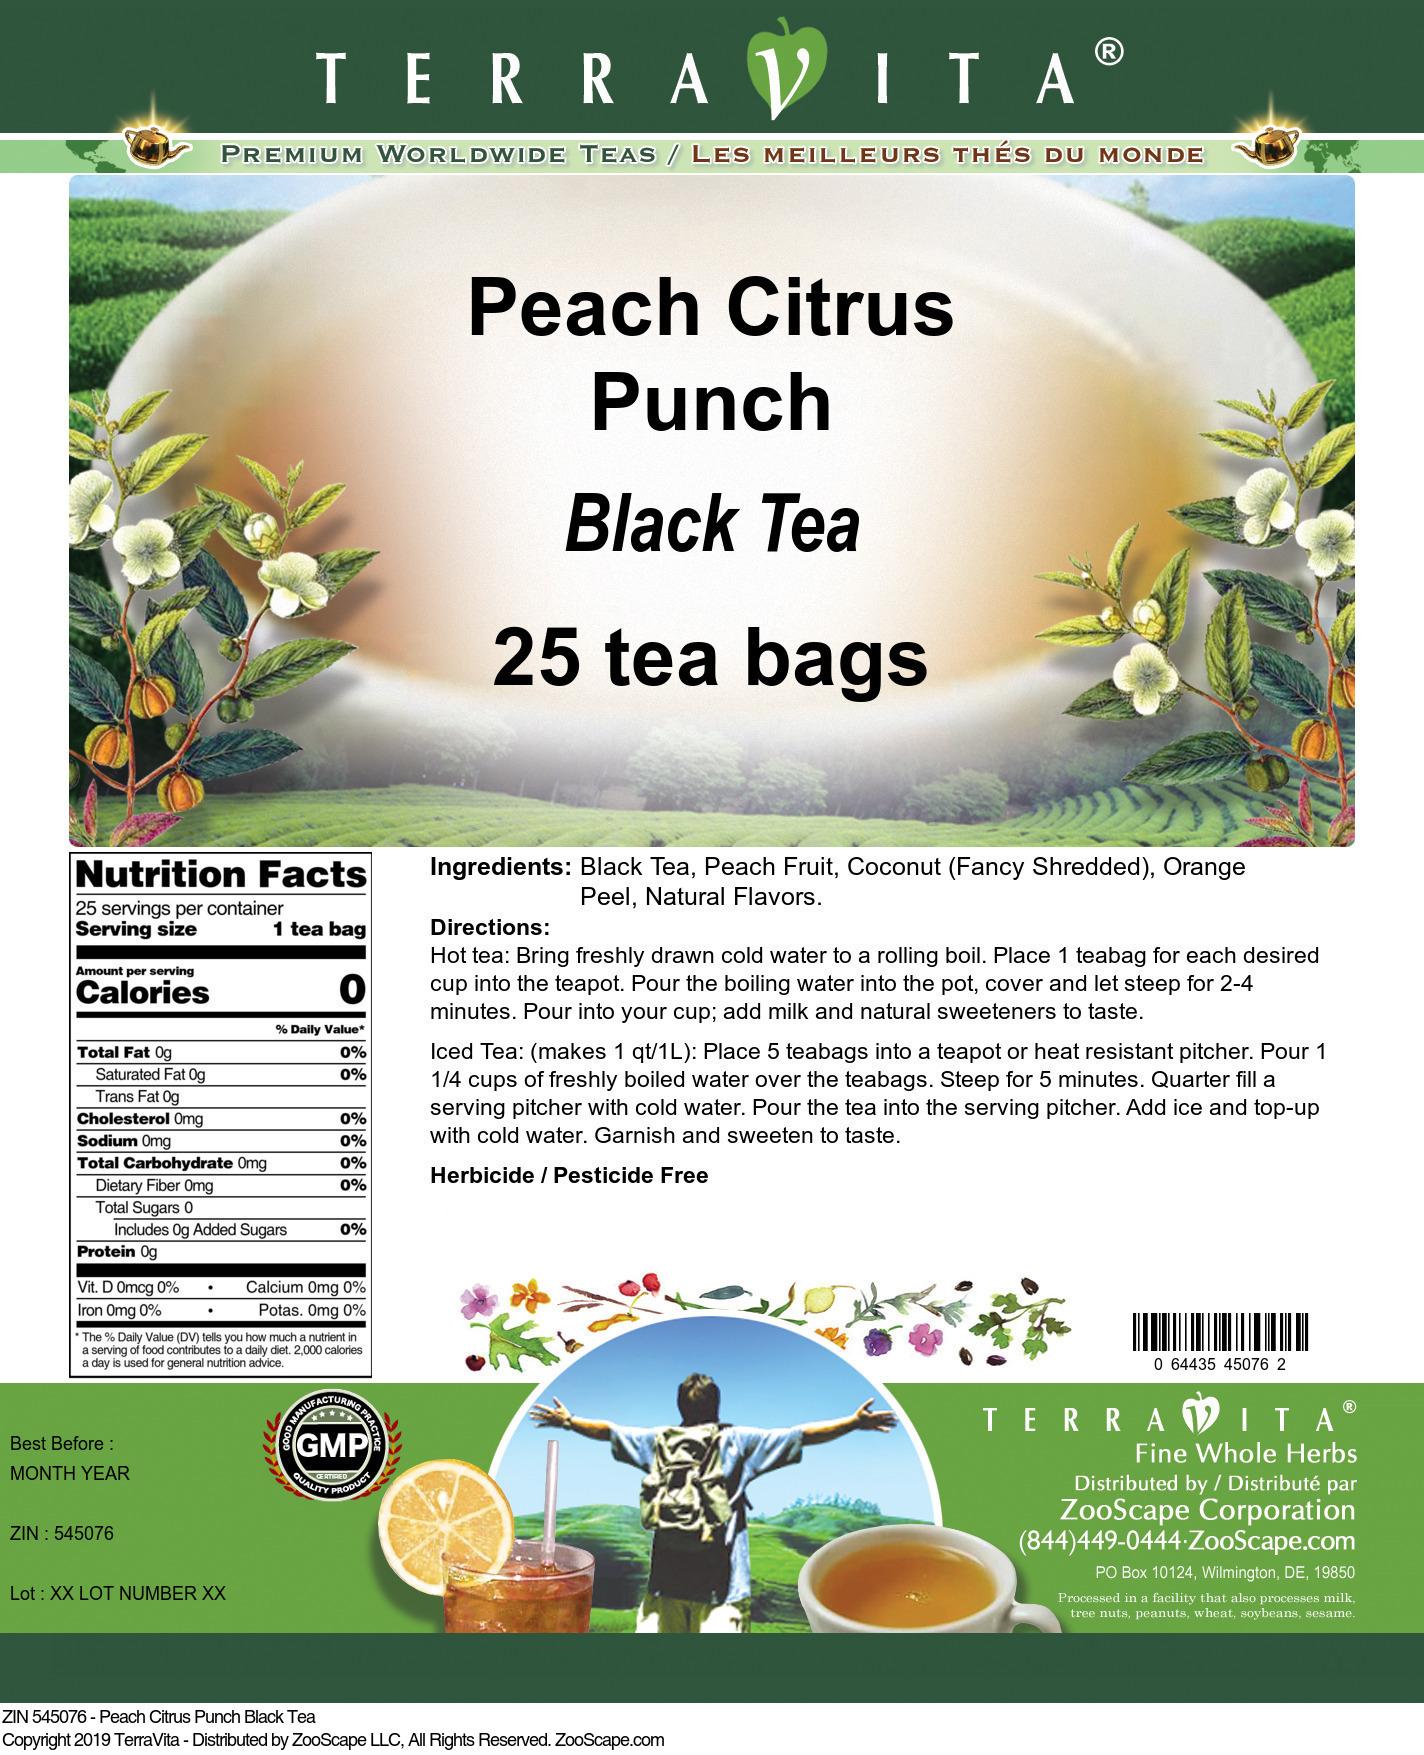 Peach Citrus Punch Black Tea